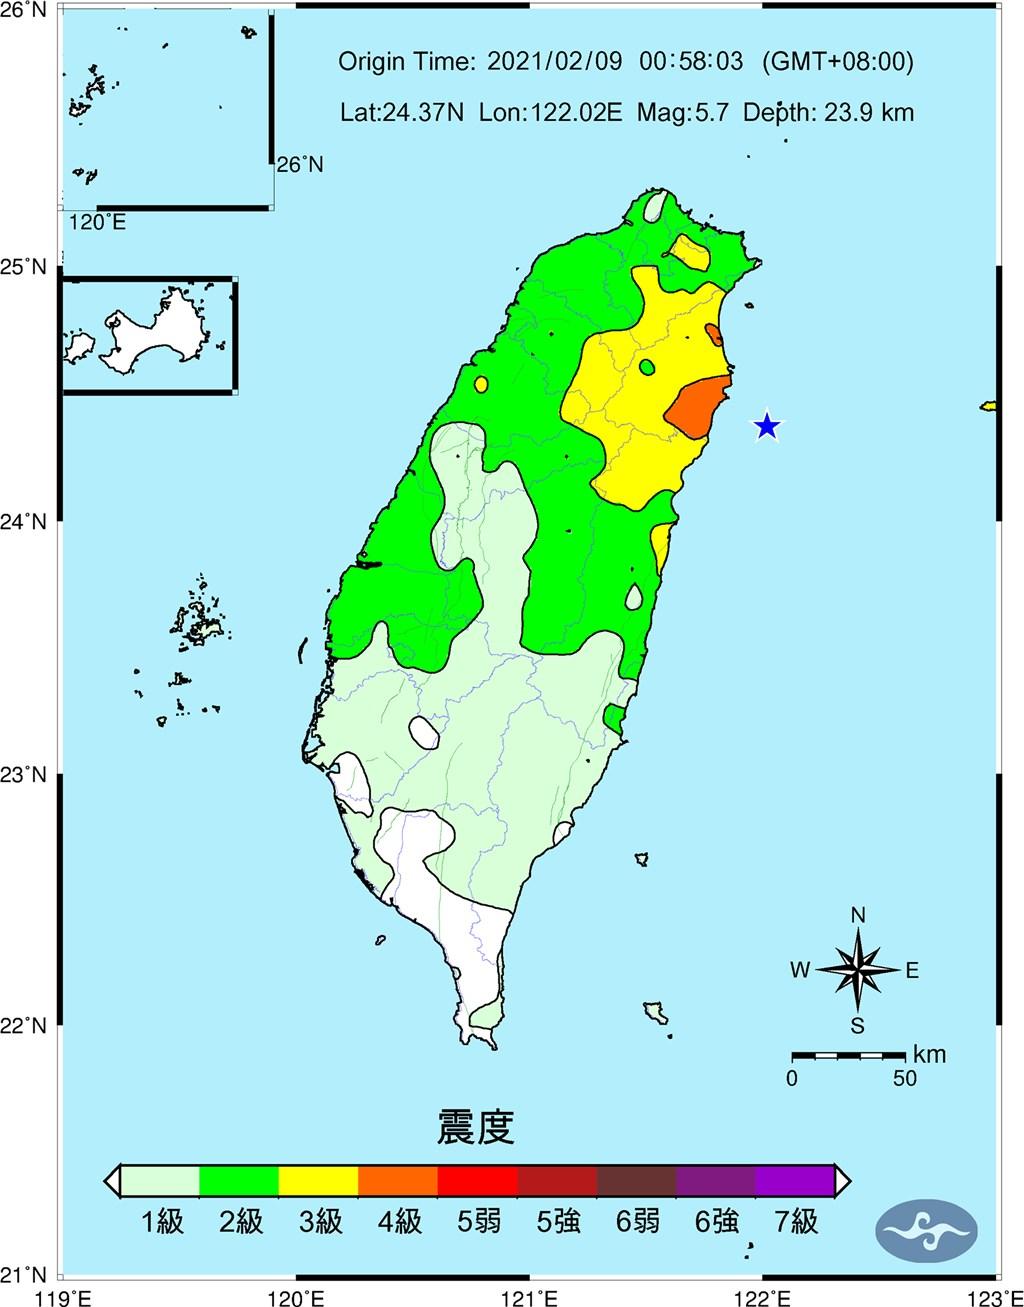 東部海域連9日凌晨兩起規模5以上地震,中央氣象局地震測報中心說,都算是7日台灣東部海域規模6.1地震的餘震。(圖取自facebook.com/CWBSC.TW)